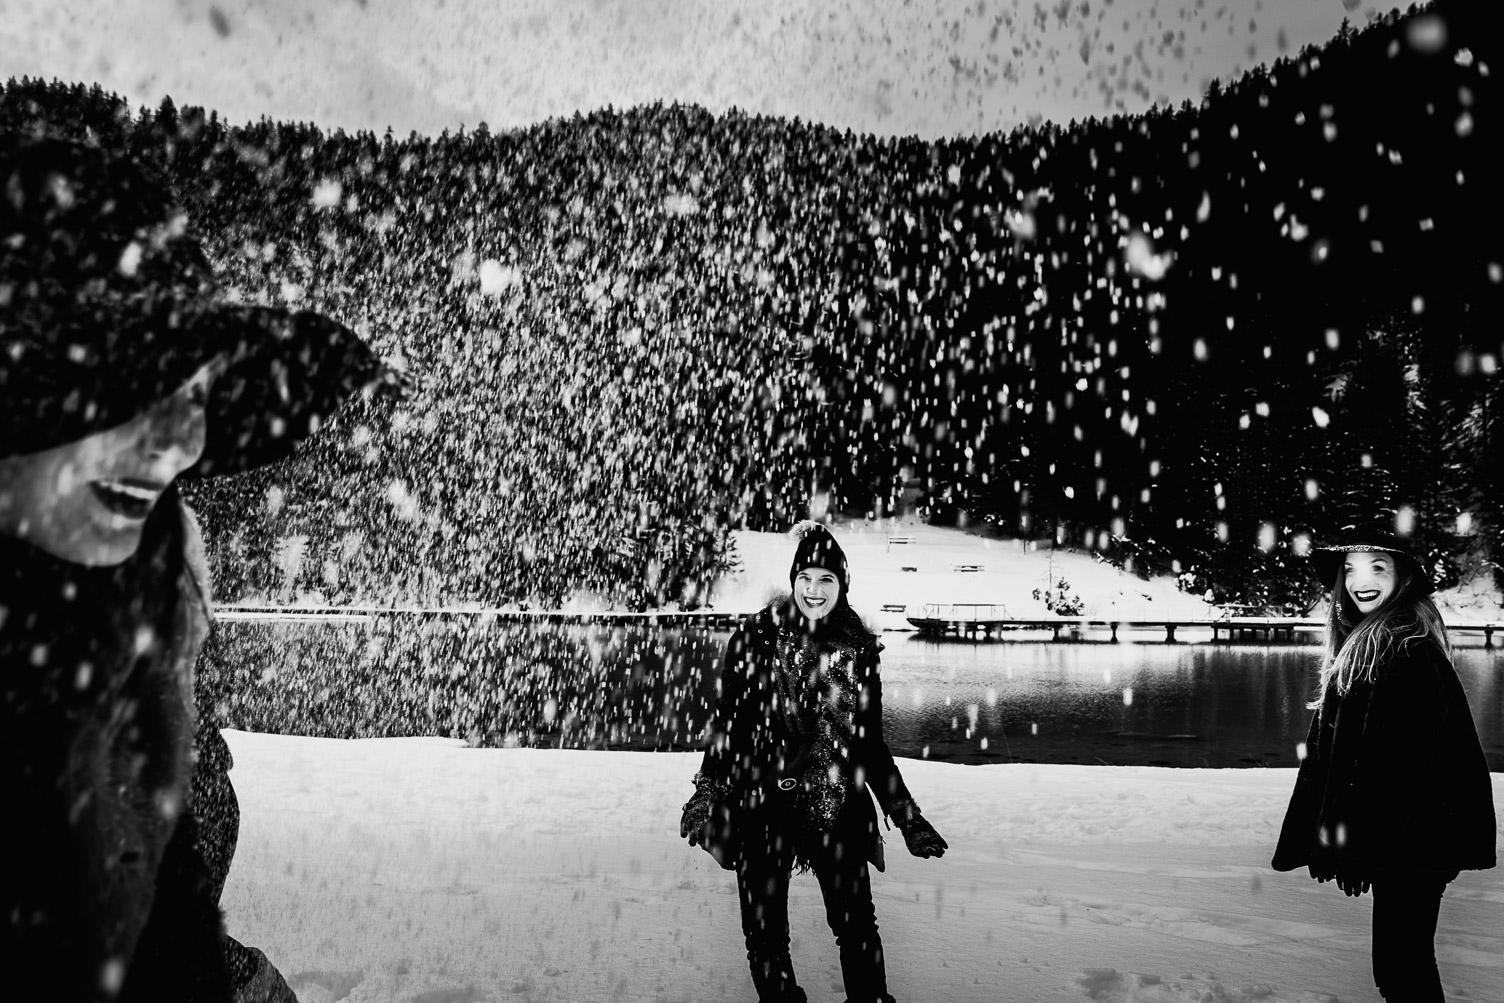 Un enterrement de vie de jeune fille à la montagne bataille de neige